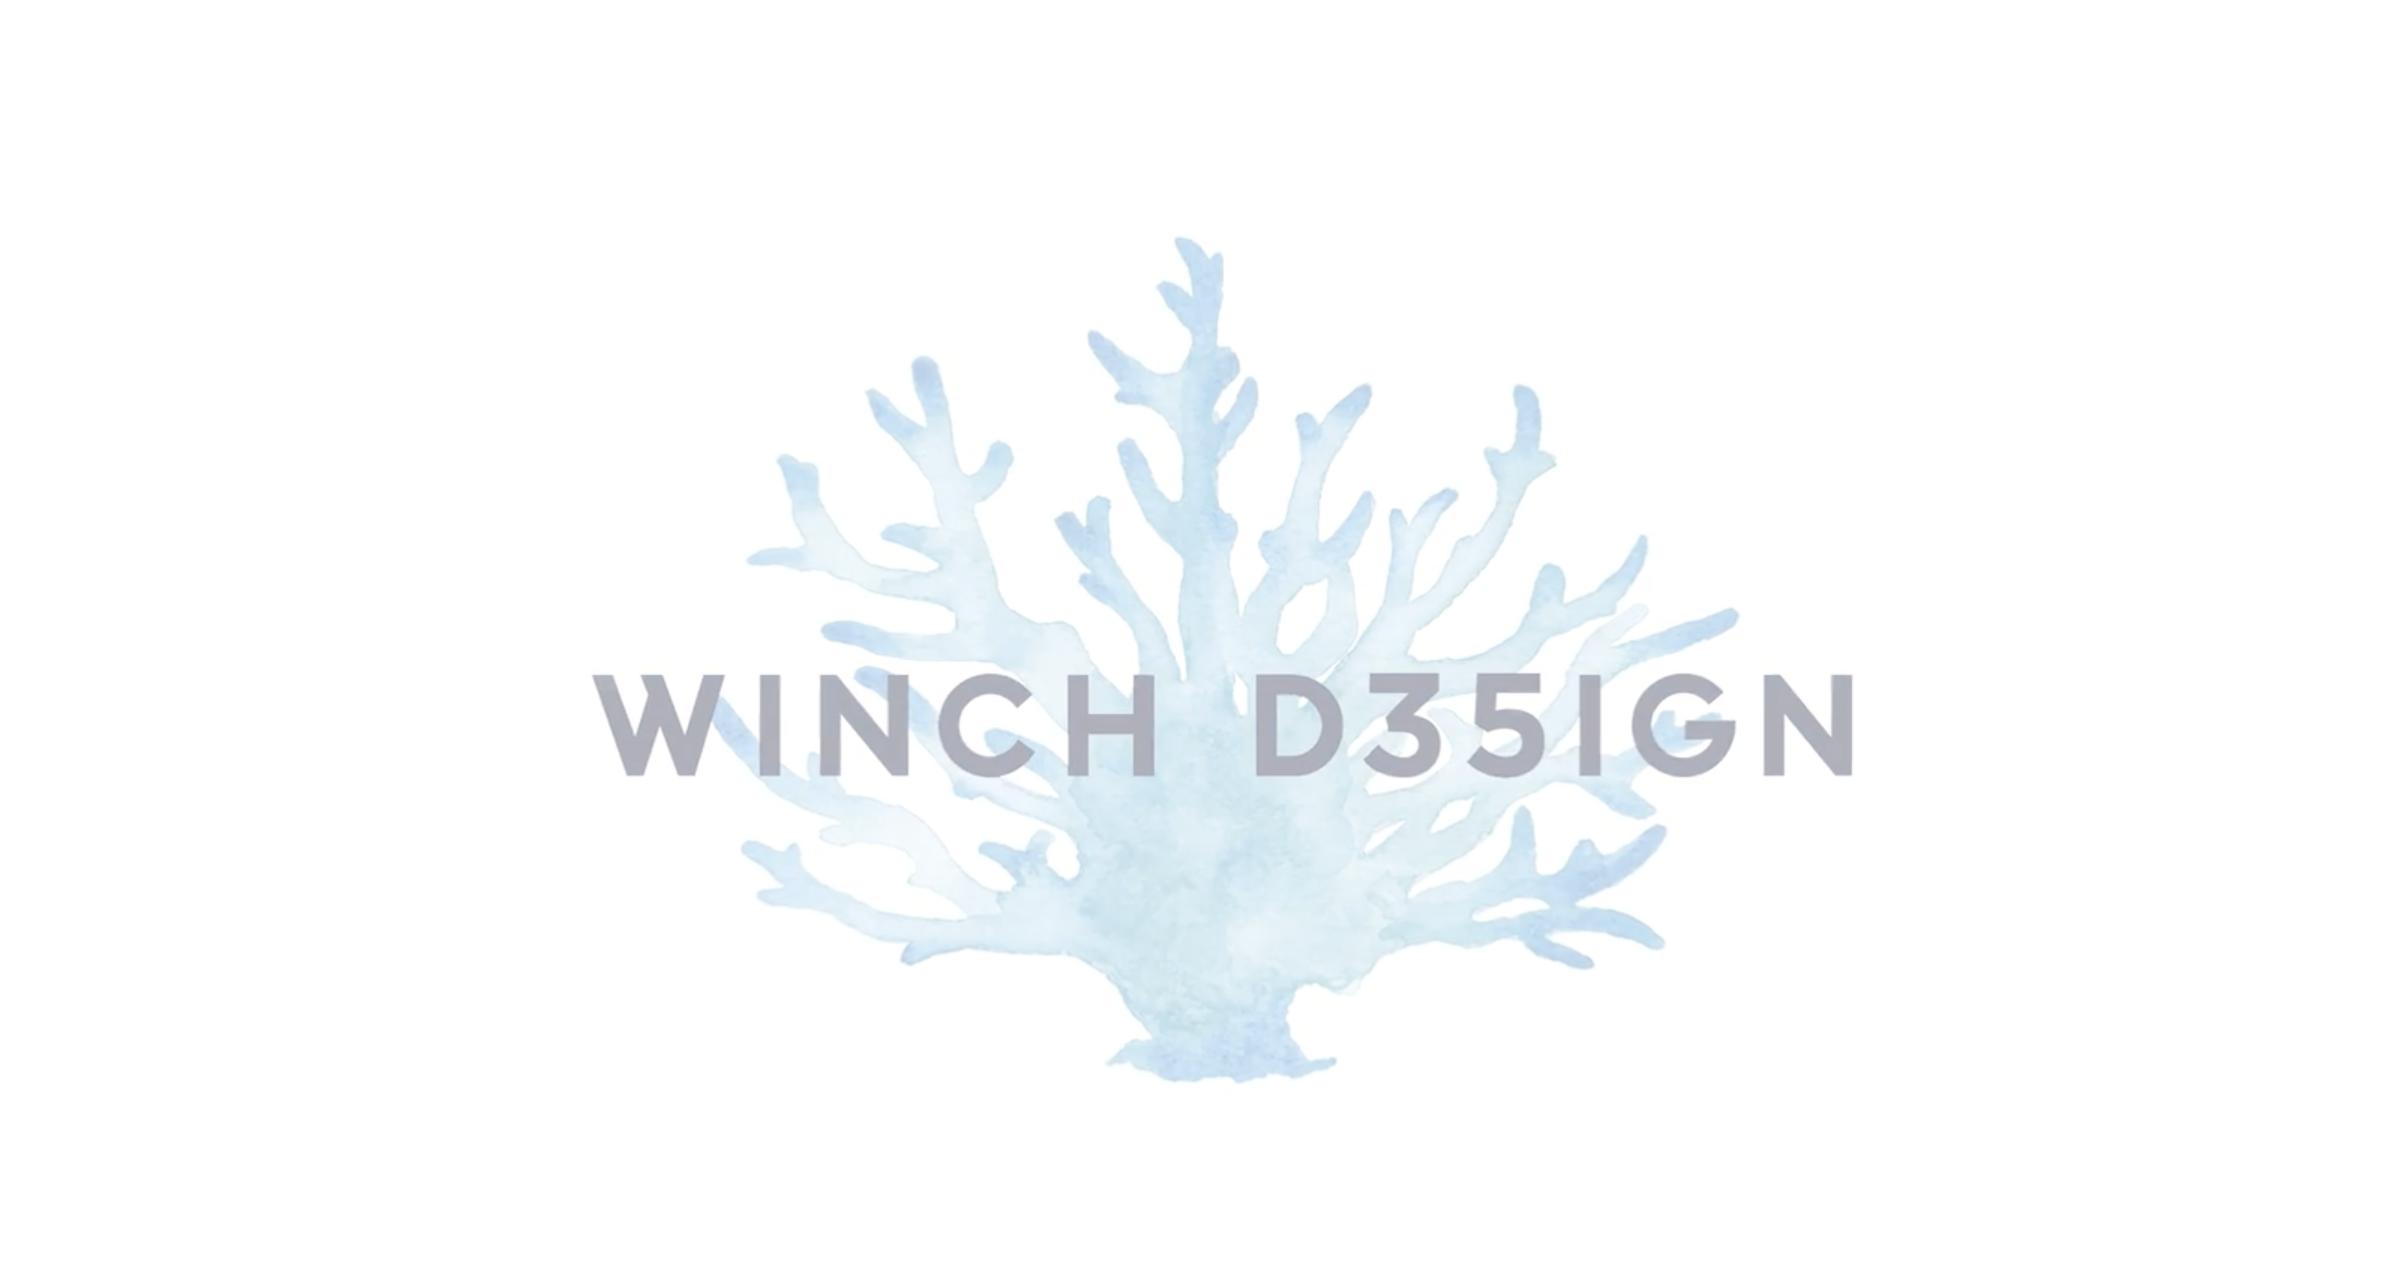 winch 35th anniversary graphic